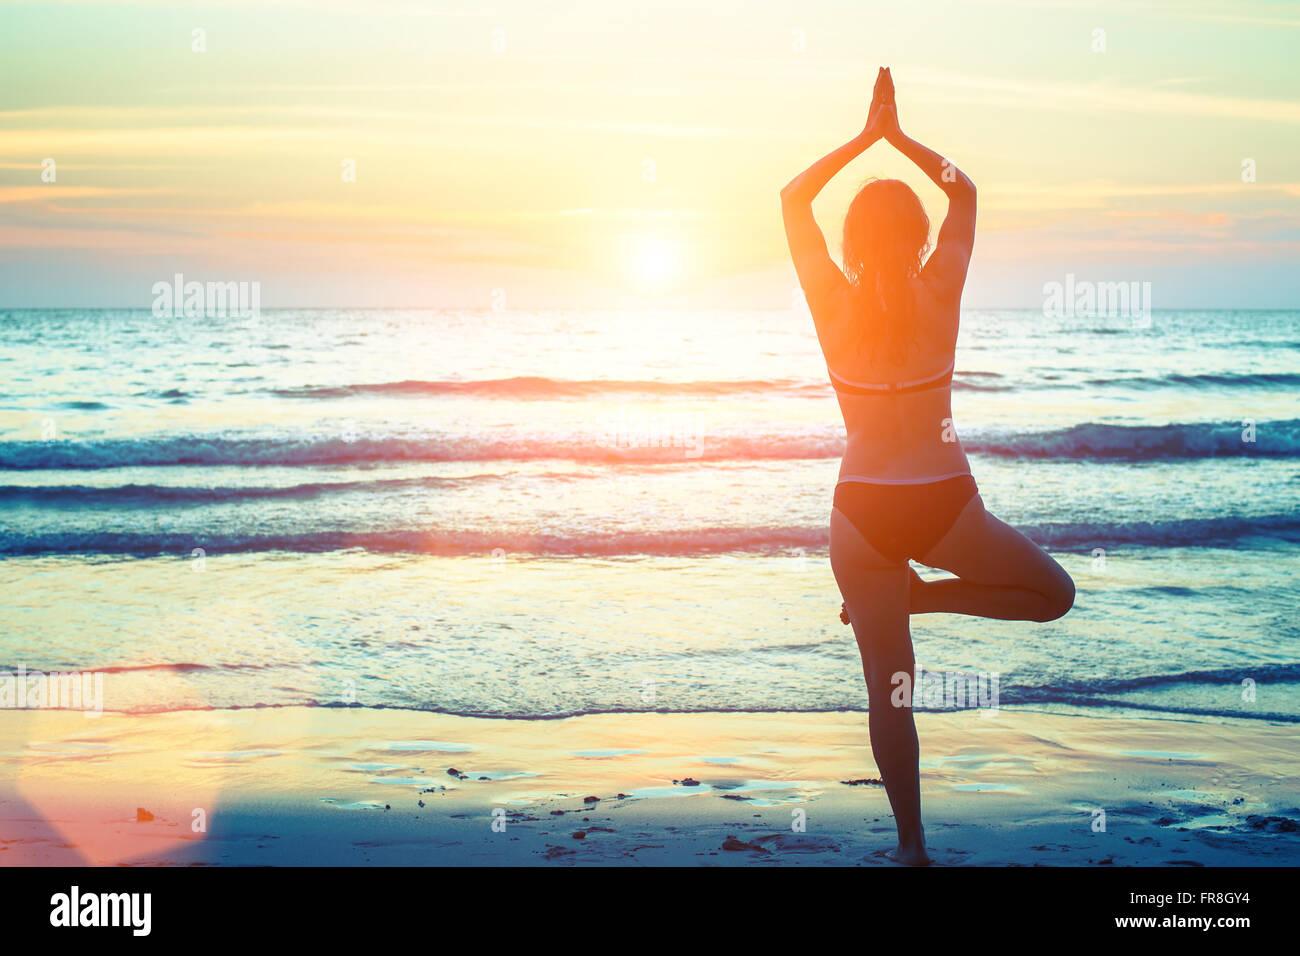 Silhouette-Yoga-Frau am Strand bei Sonnenuntergang. Stockbild